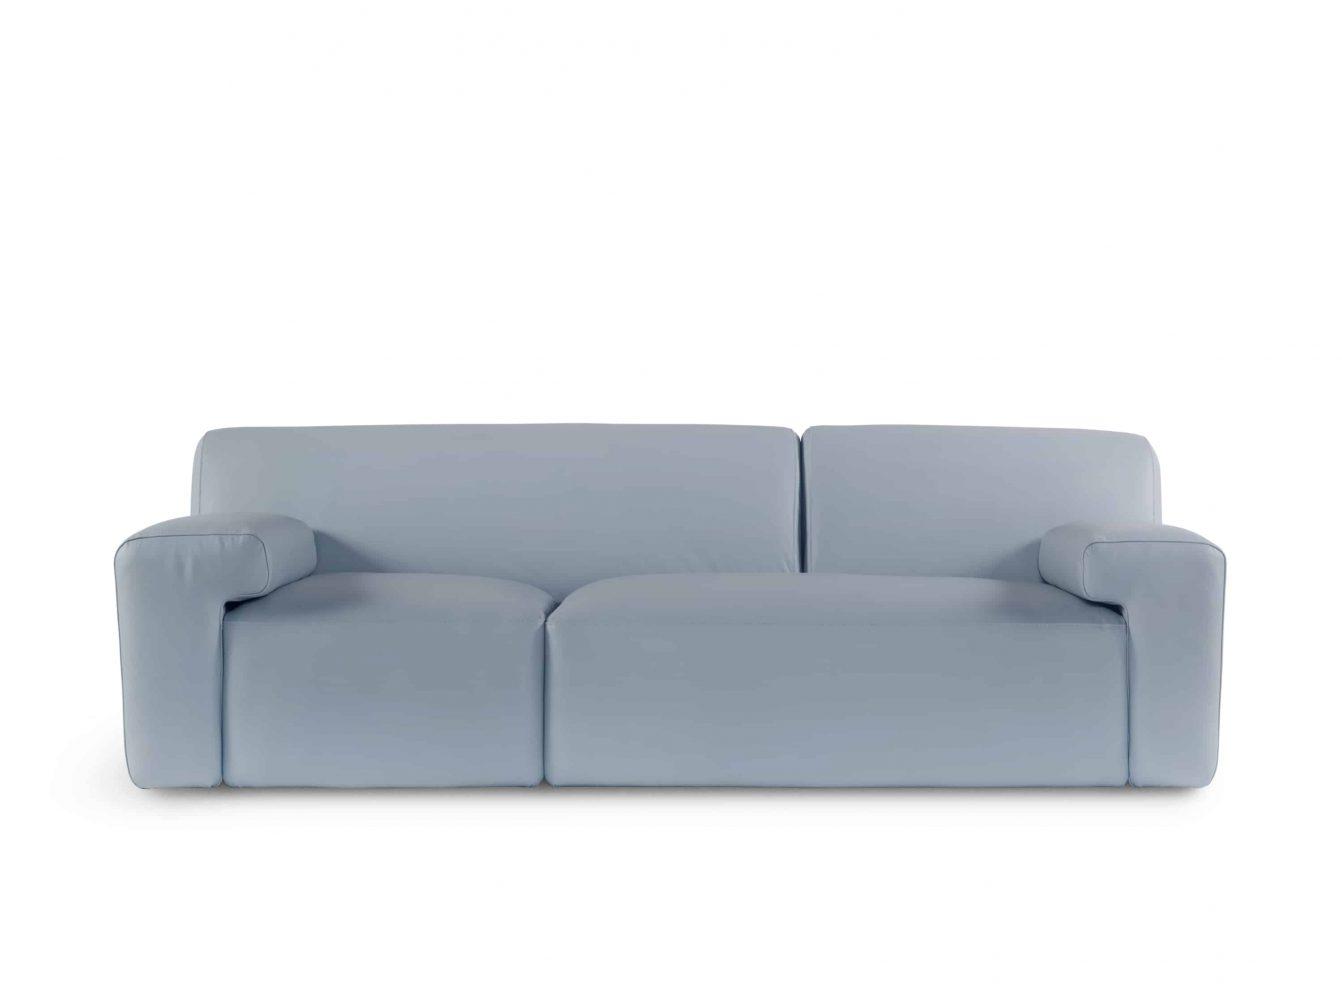 Almourol-G703252-Sofa-S-01